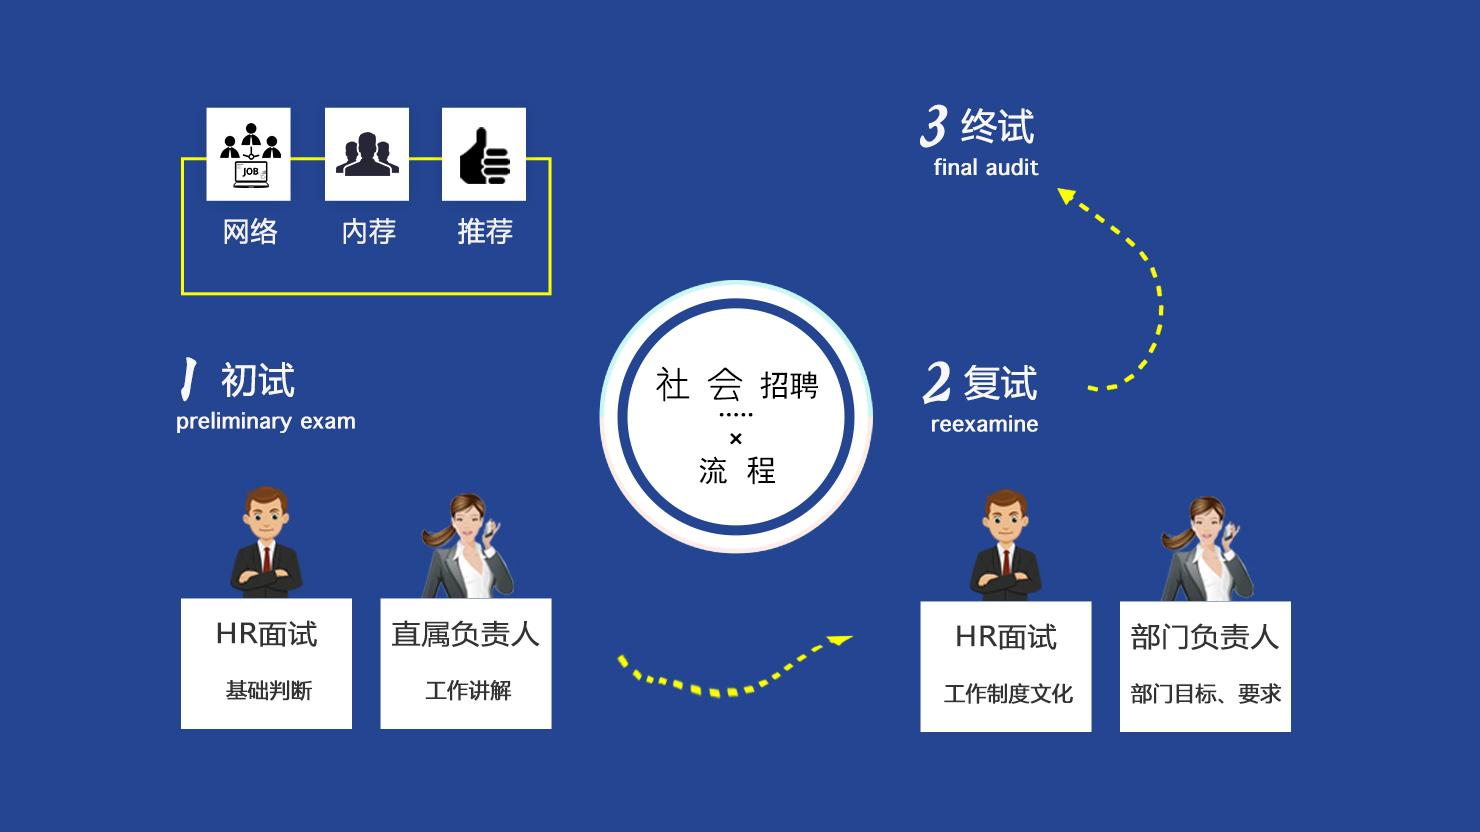 社会招聘流程_嗨学网